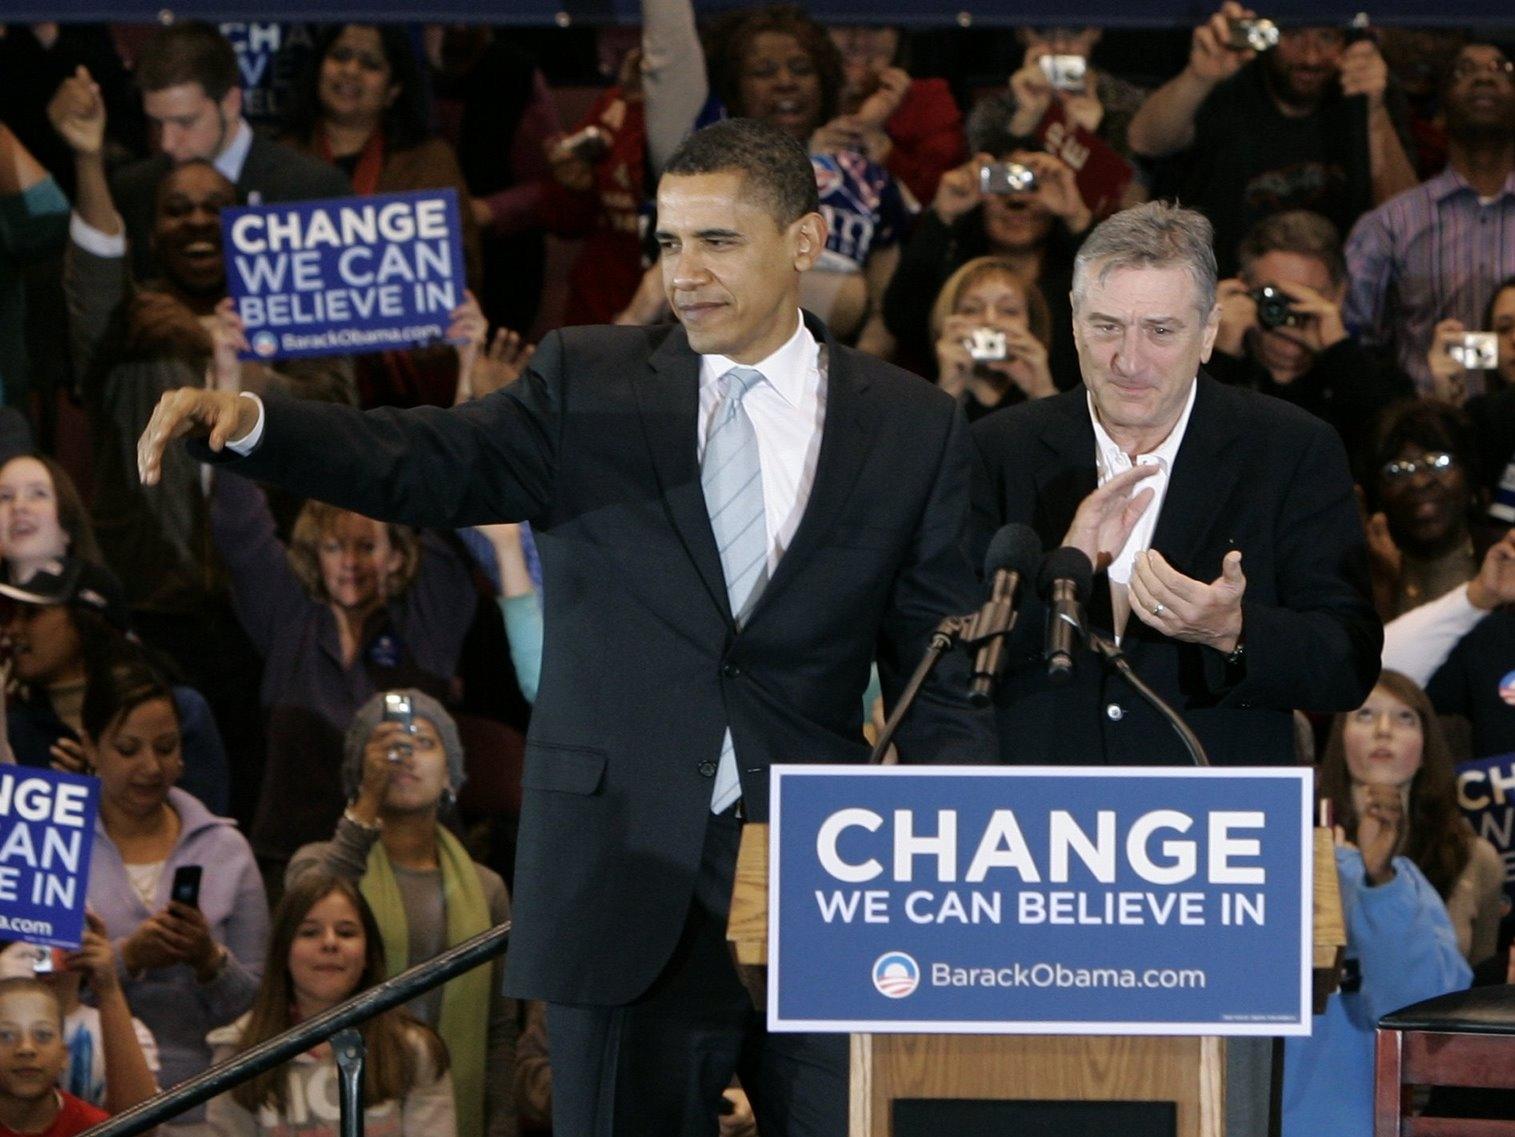 D.C. Paparazzie Root Against Romney, Fear Boring Bush-Level Celebrities